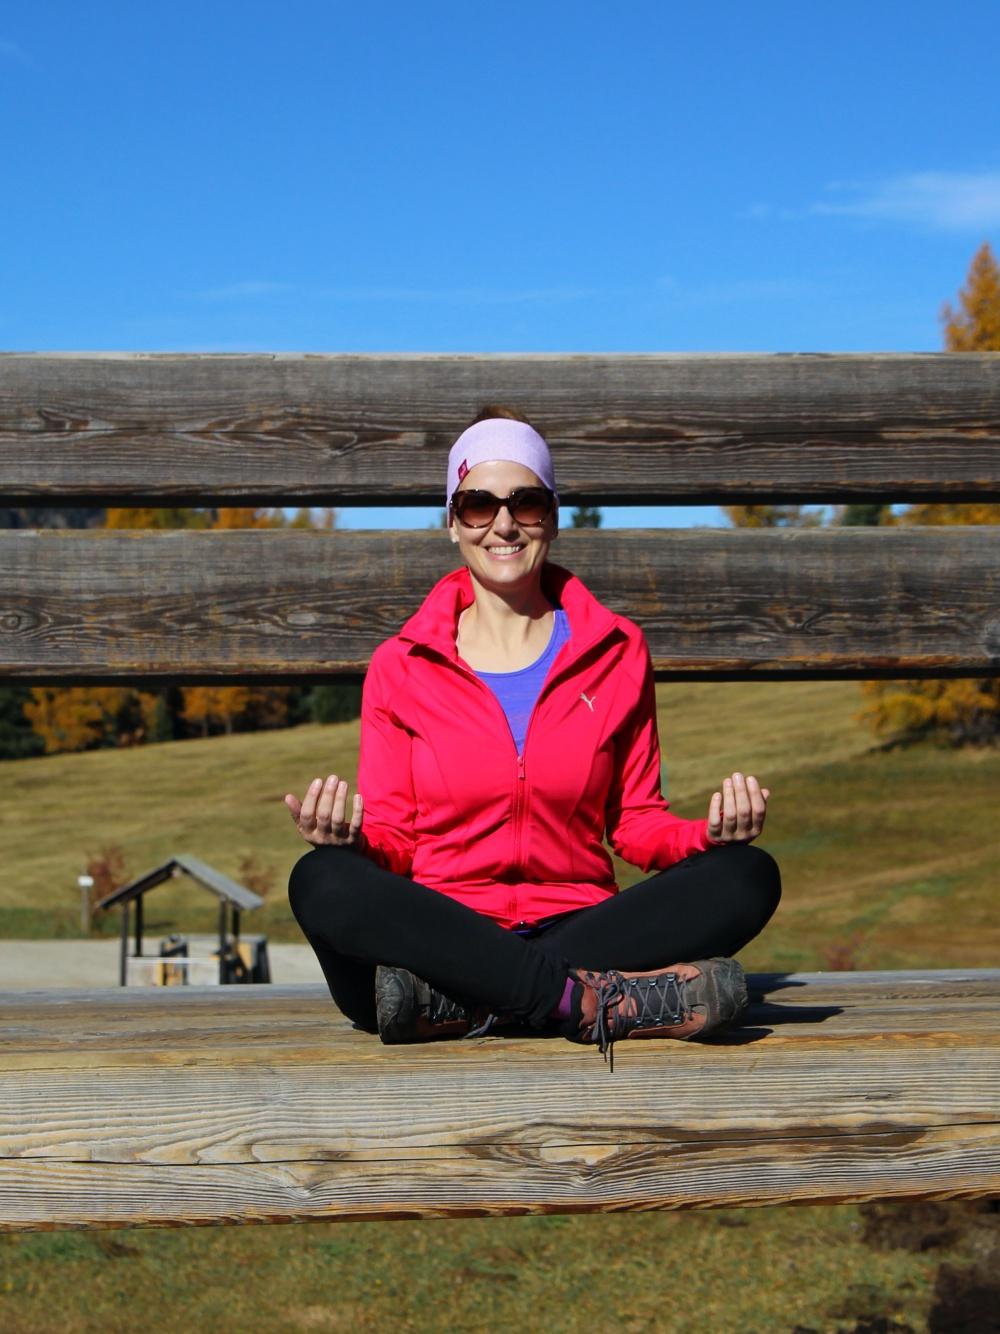 Meine Sportgeschichte Yoga Lotussitz Seiser Alm